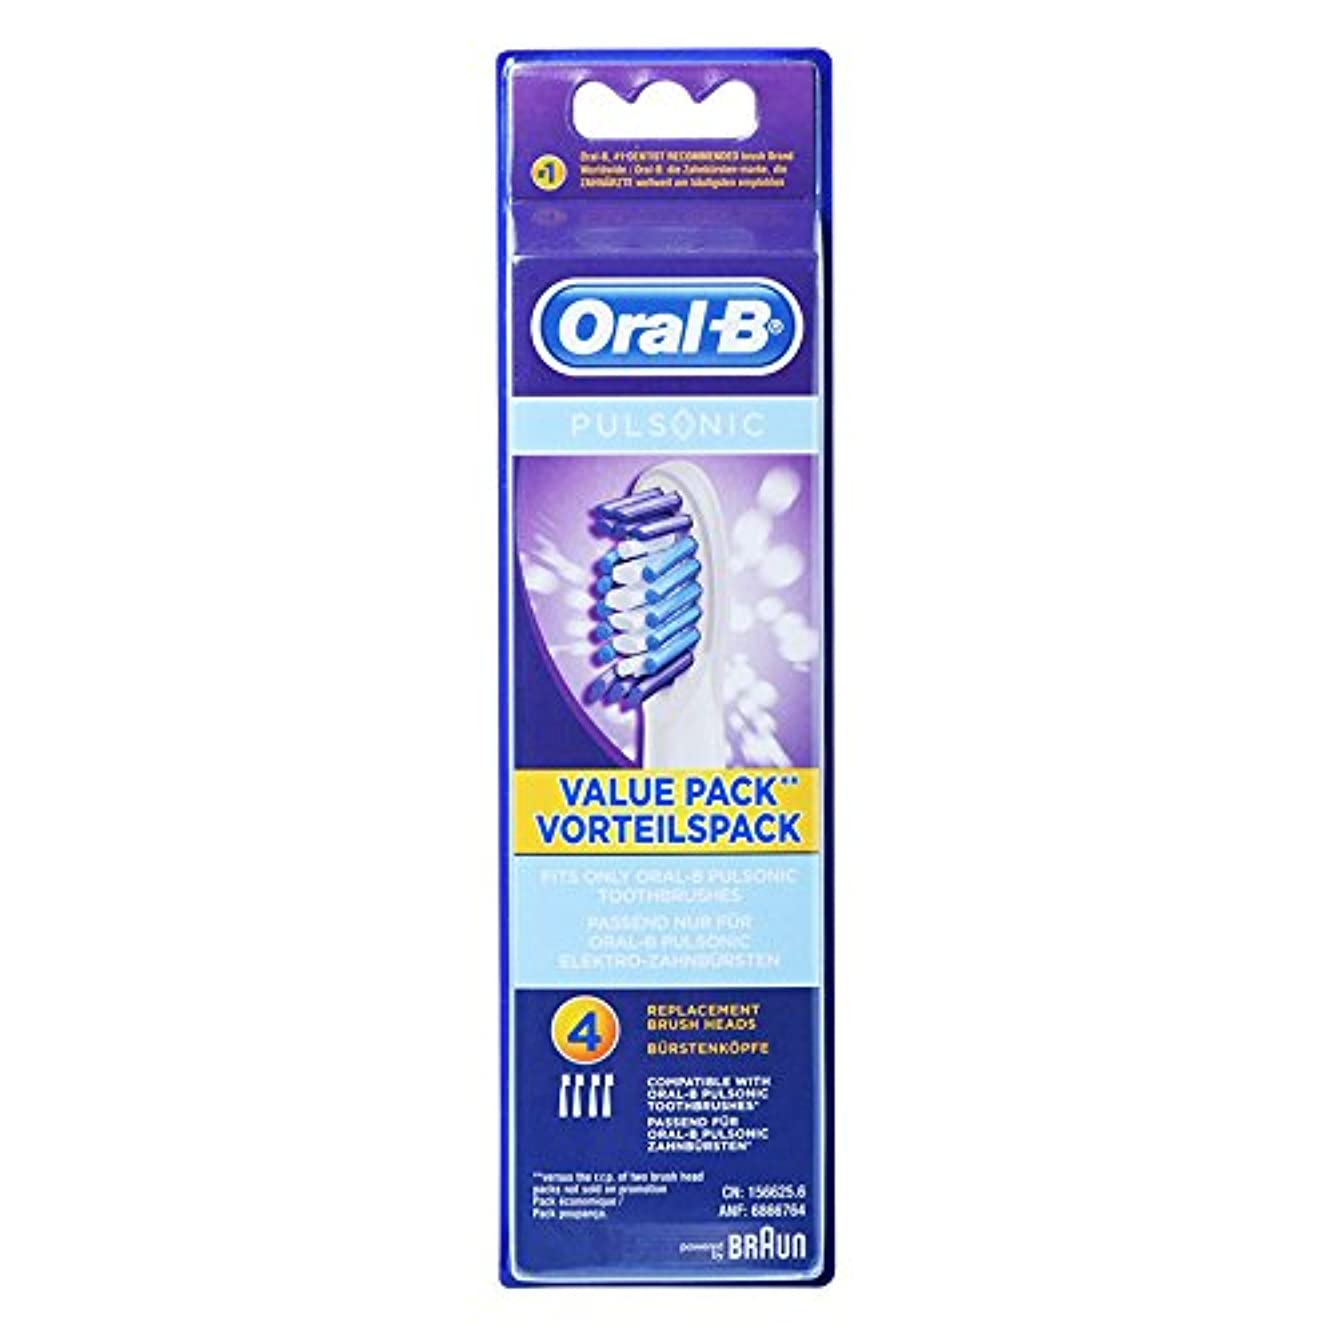 たっぷりインストール望ましいBraun Oral-B SR32-4 Pulsonic Value Pack 交換用ブラシヘッド 1Pack [並行輸入品]